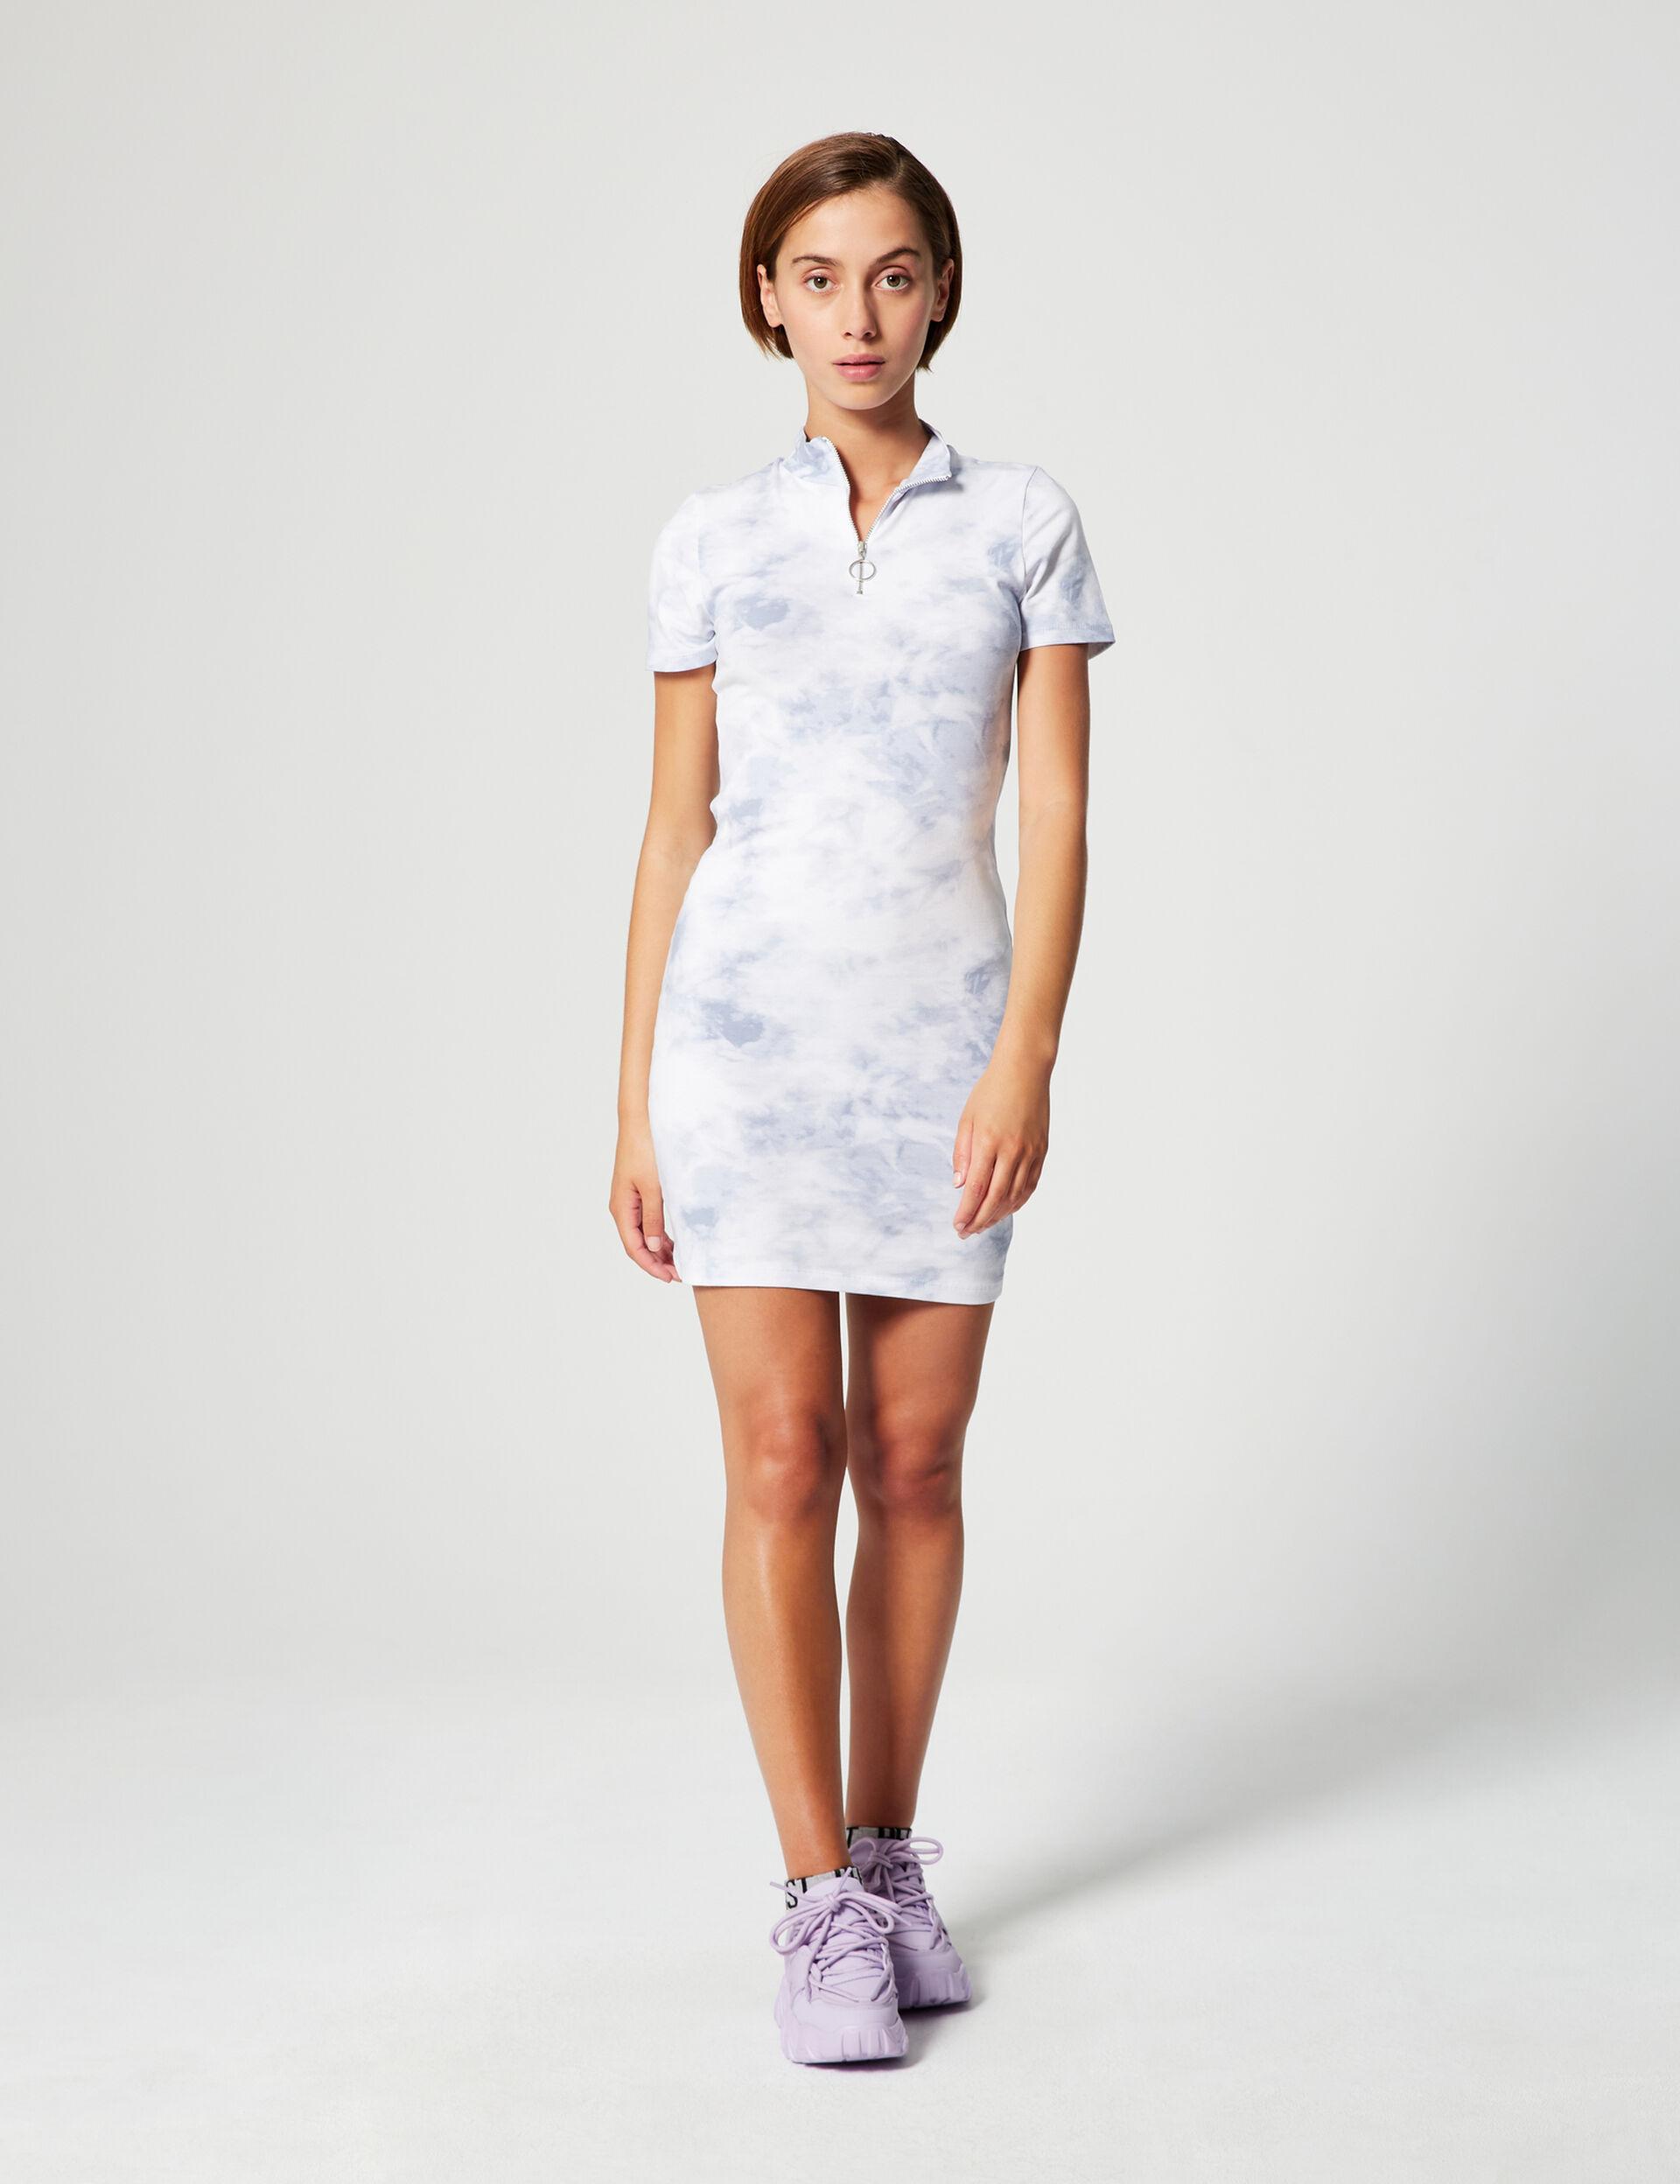 Zip-up tie-dye dress